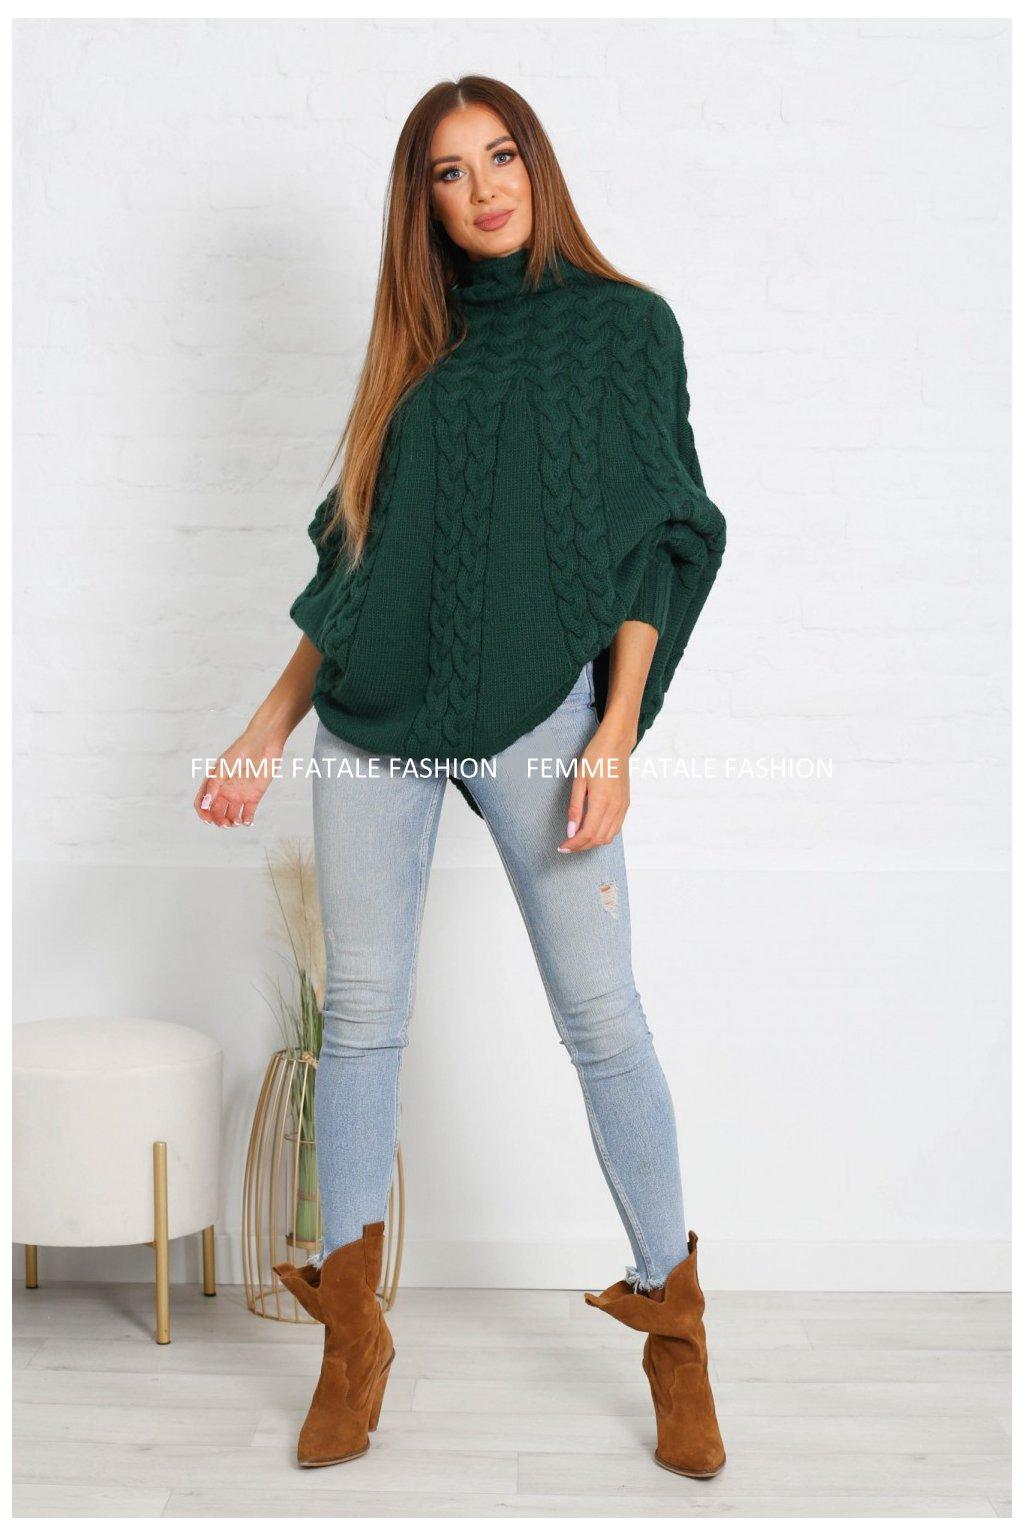 Dámský pletený svetr PONCHO femmefatalefashion (1)